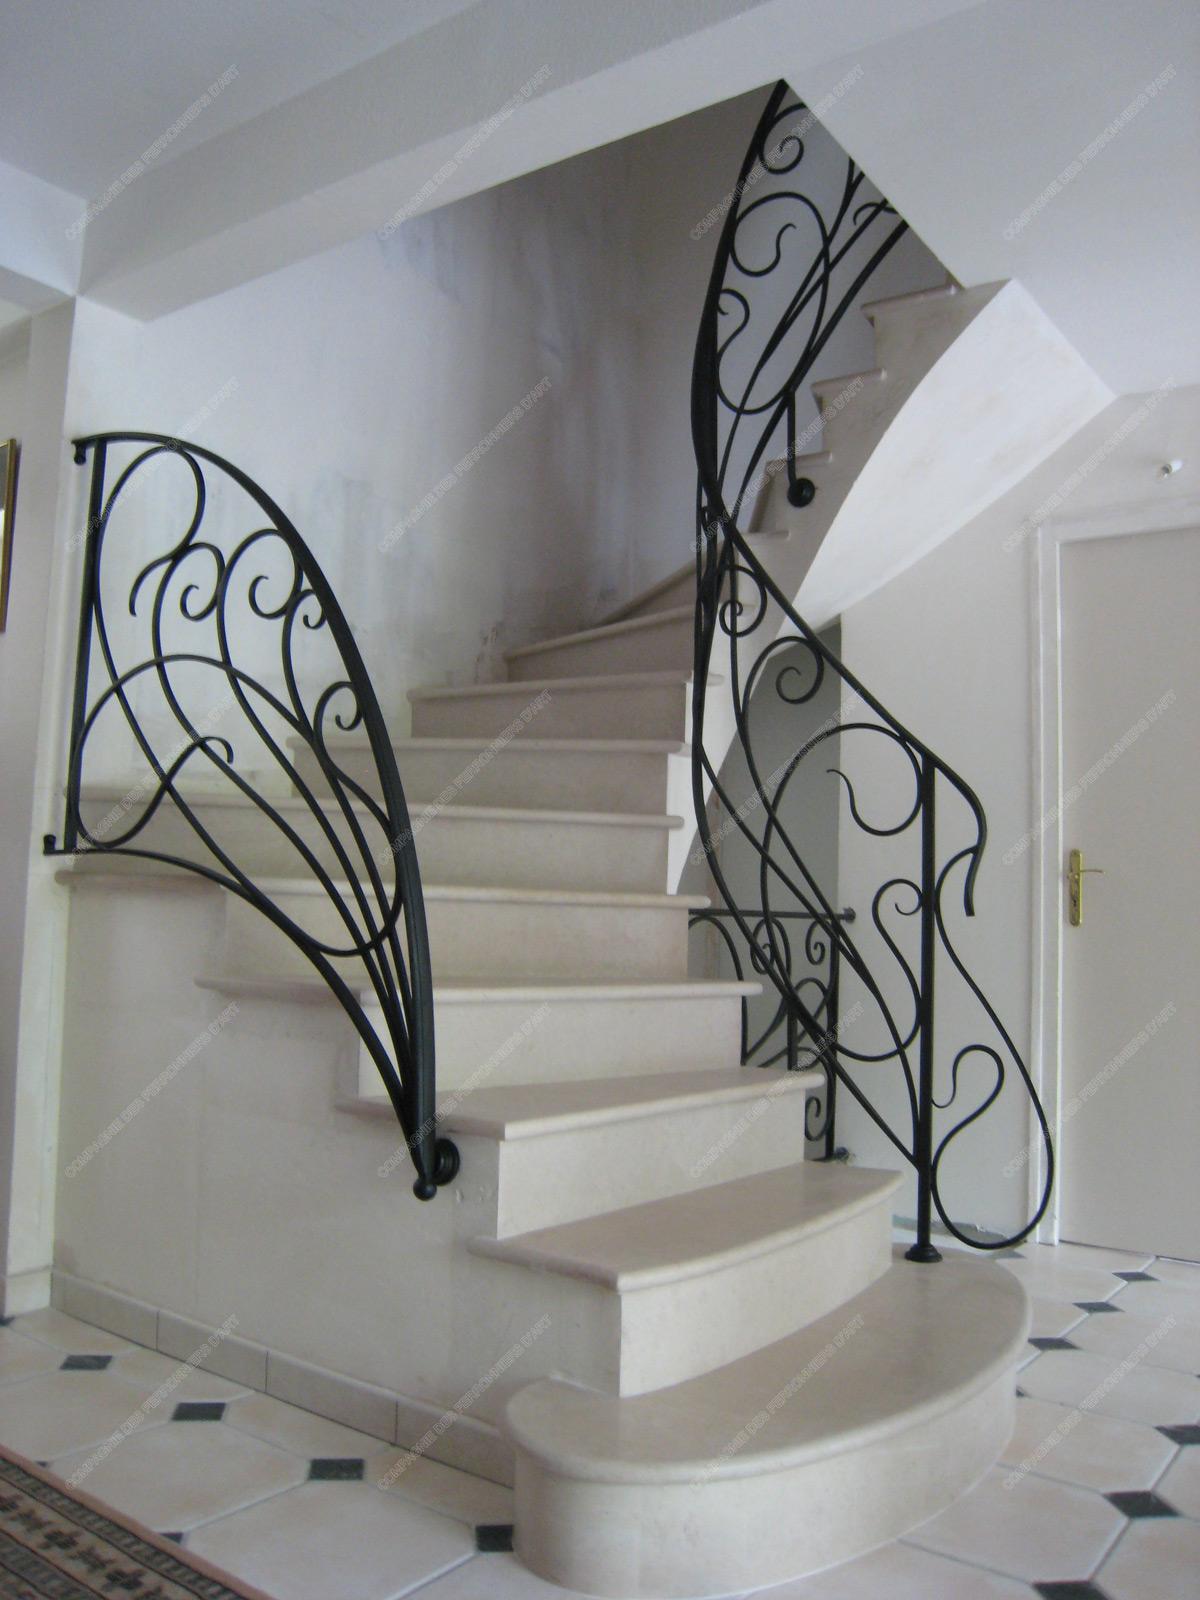 rampes d 39 escalier en fer forg art nouveau mod le liane. Black Bedroom Furniture Sets. Home Design Ideas